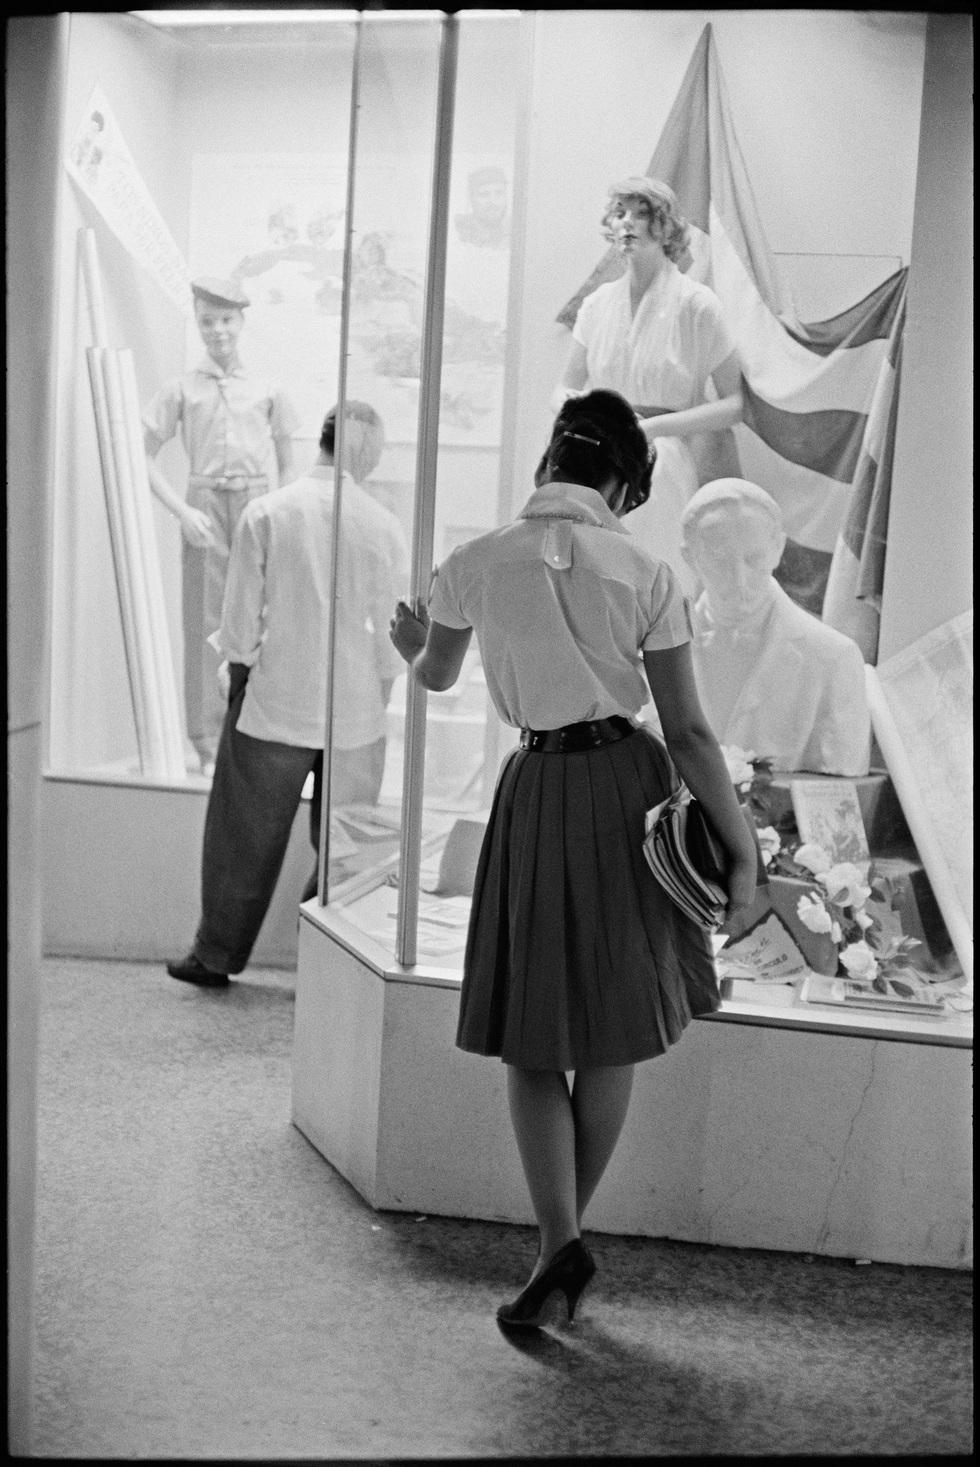 7e49143f6 ... pero siembre hubo mujeres creativas y elegantes que supieron reciclar  la ropa de sus padres